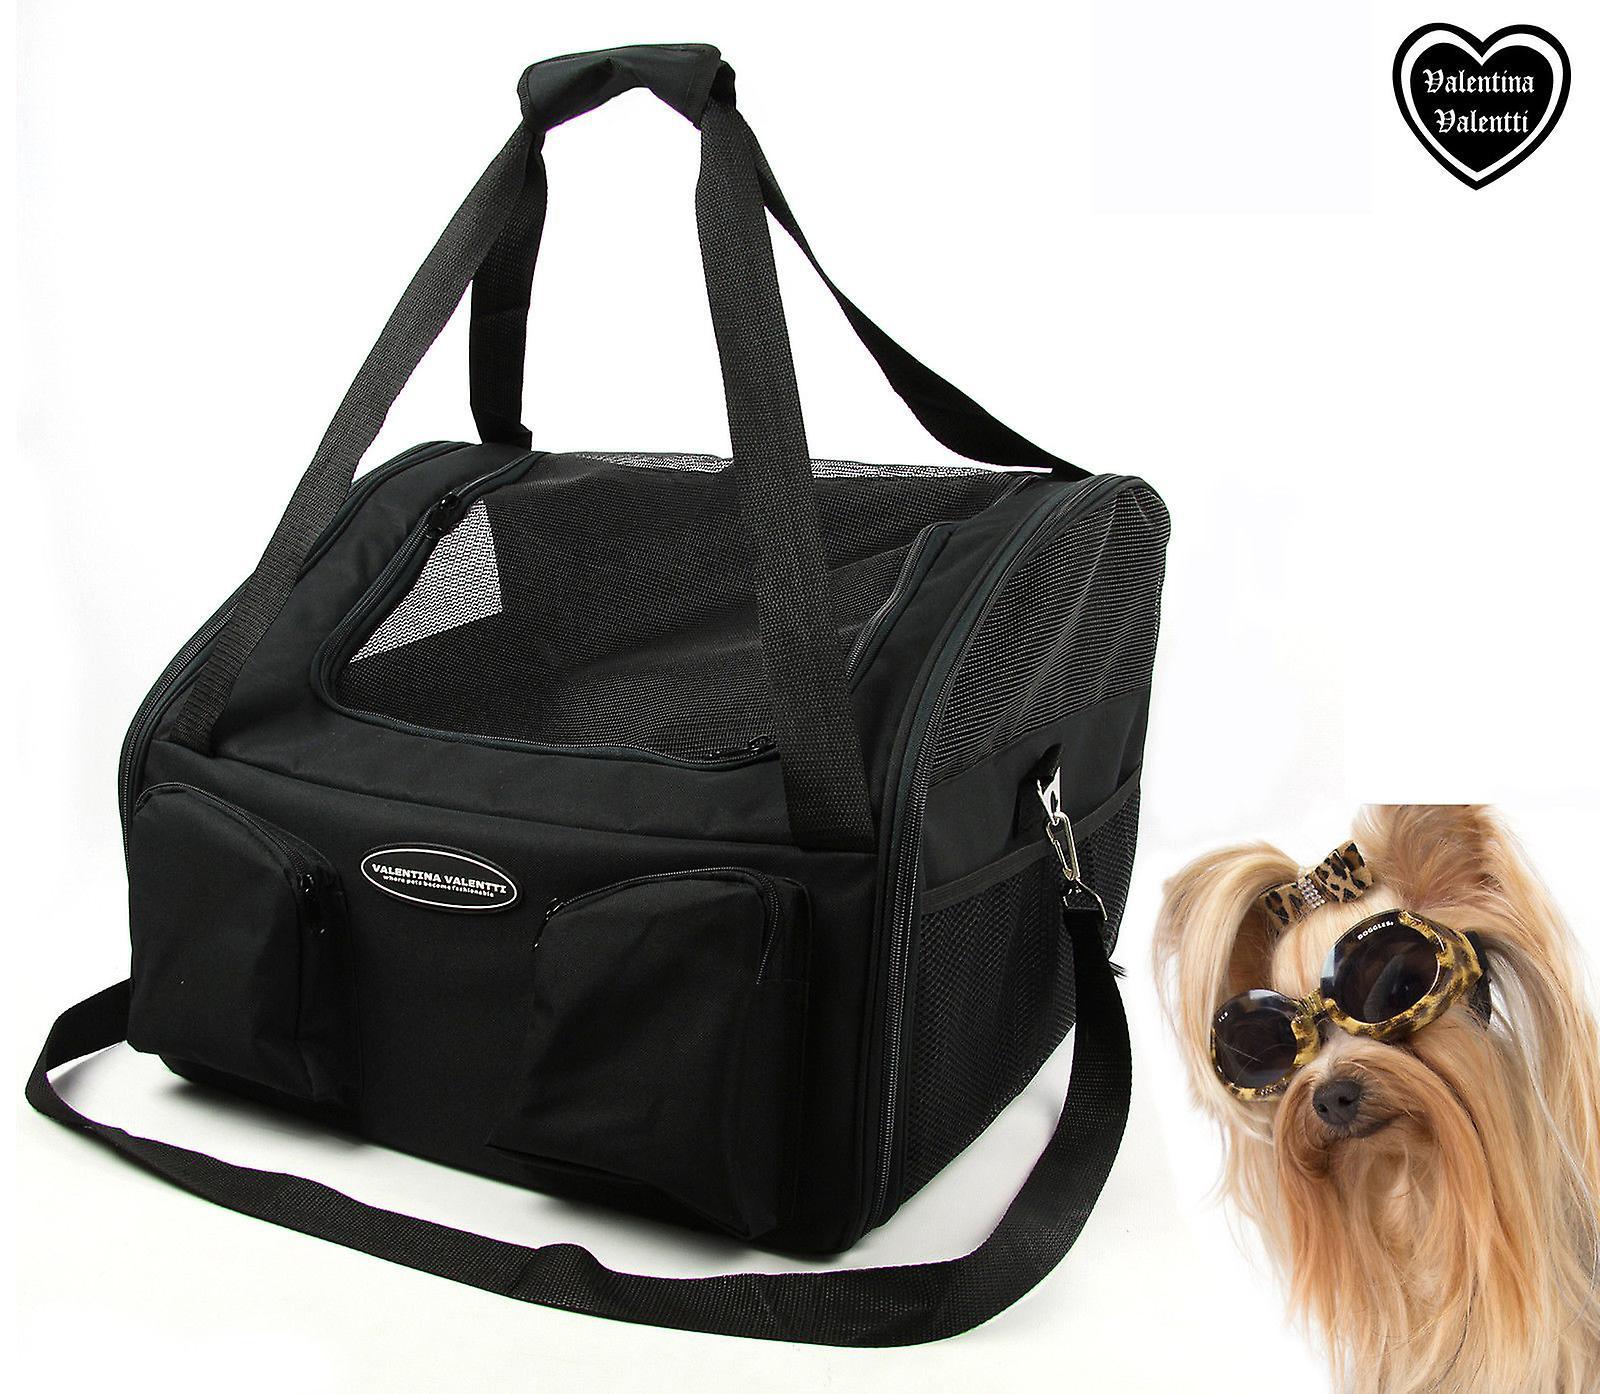 Valetina Valentti lusso cane gatto cucciolo animali seggiolino auto Carrier grande, nero V3